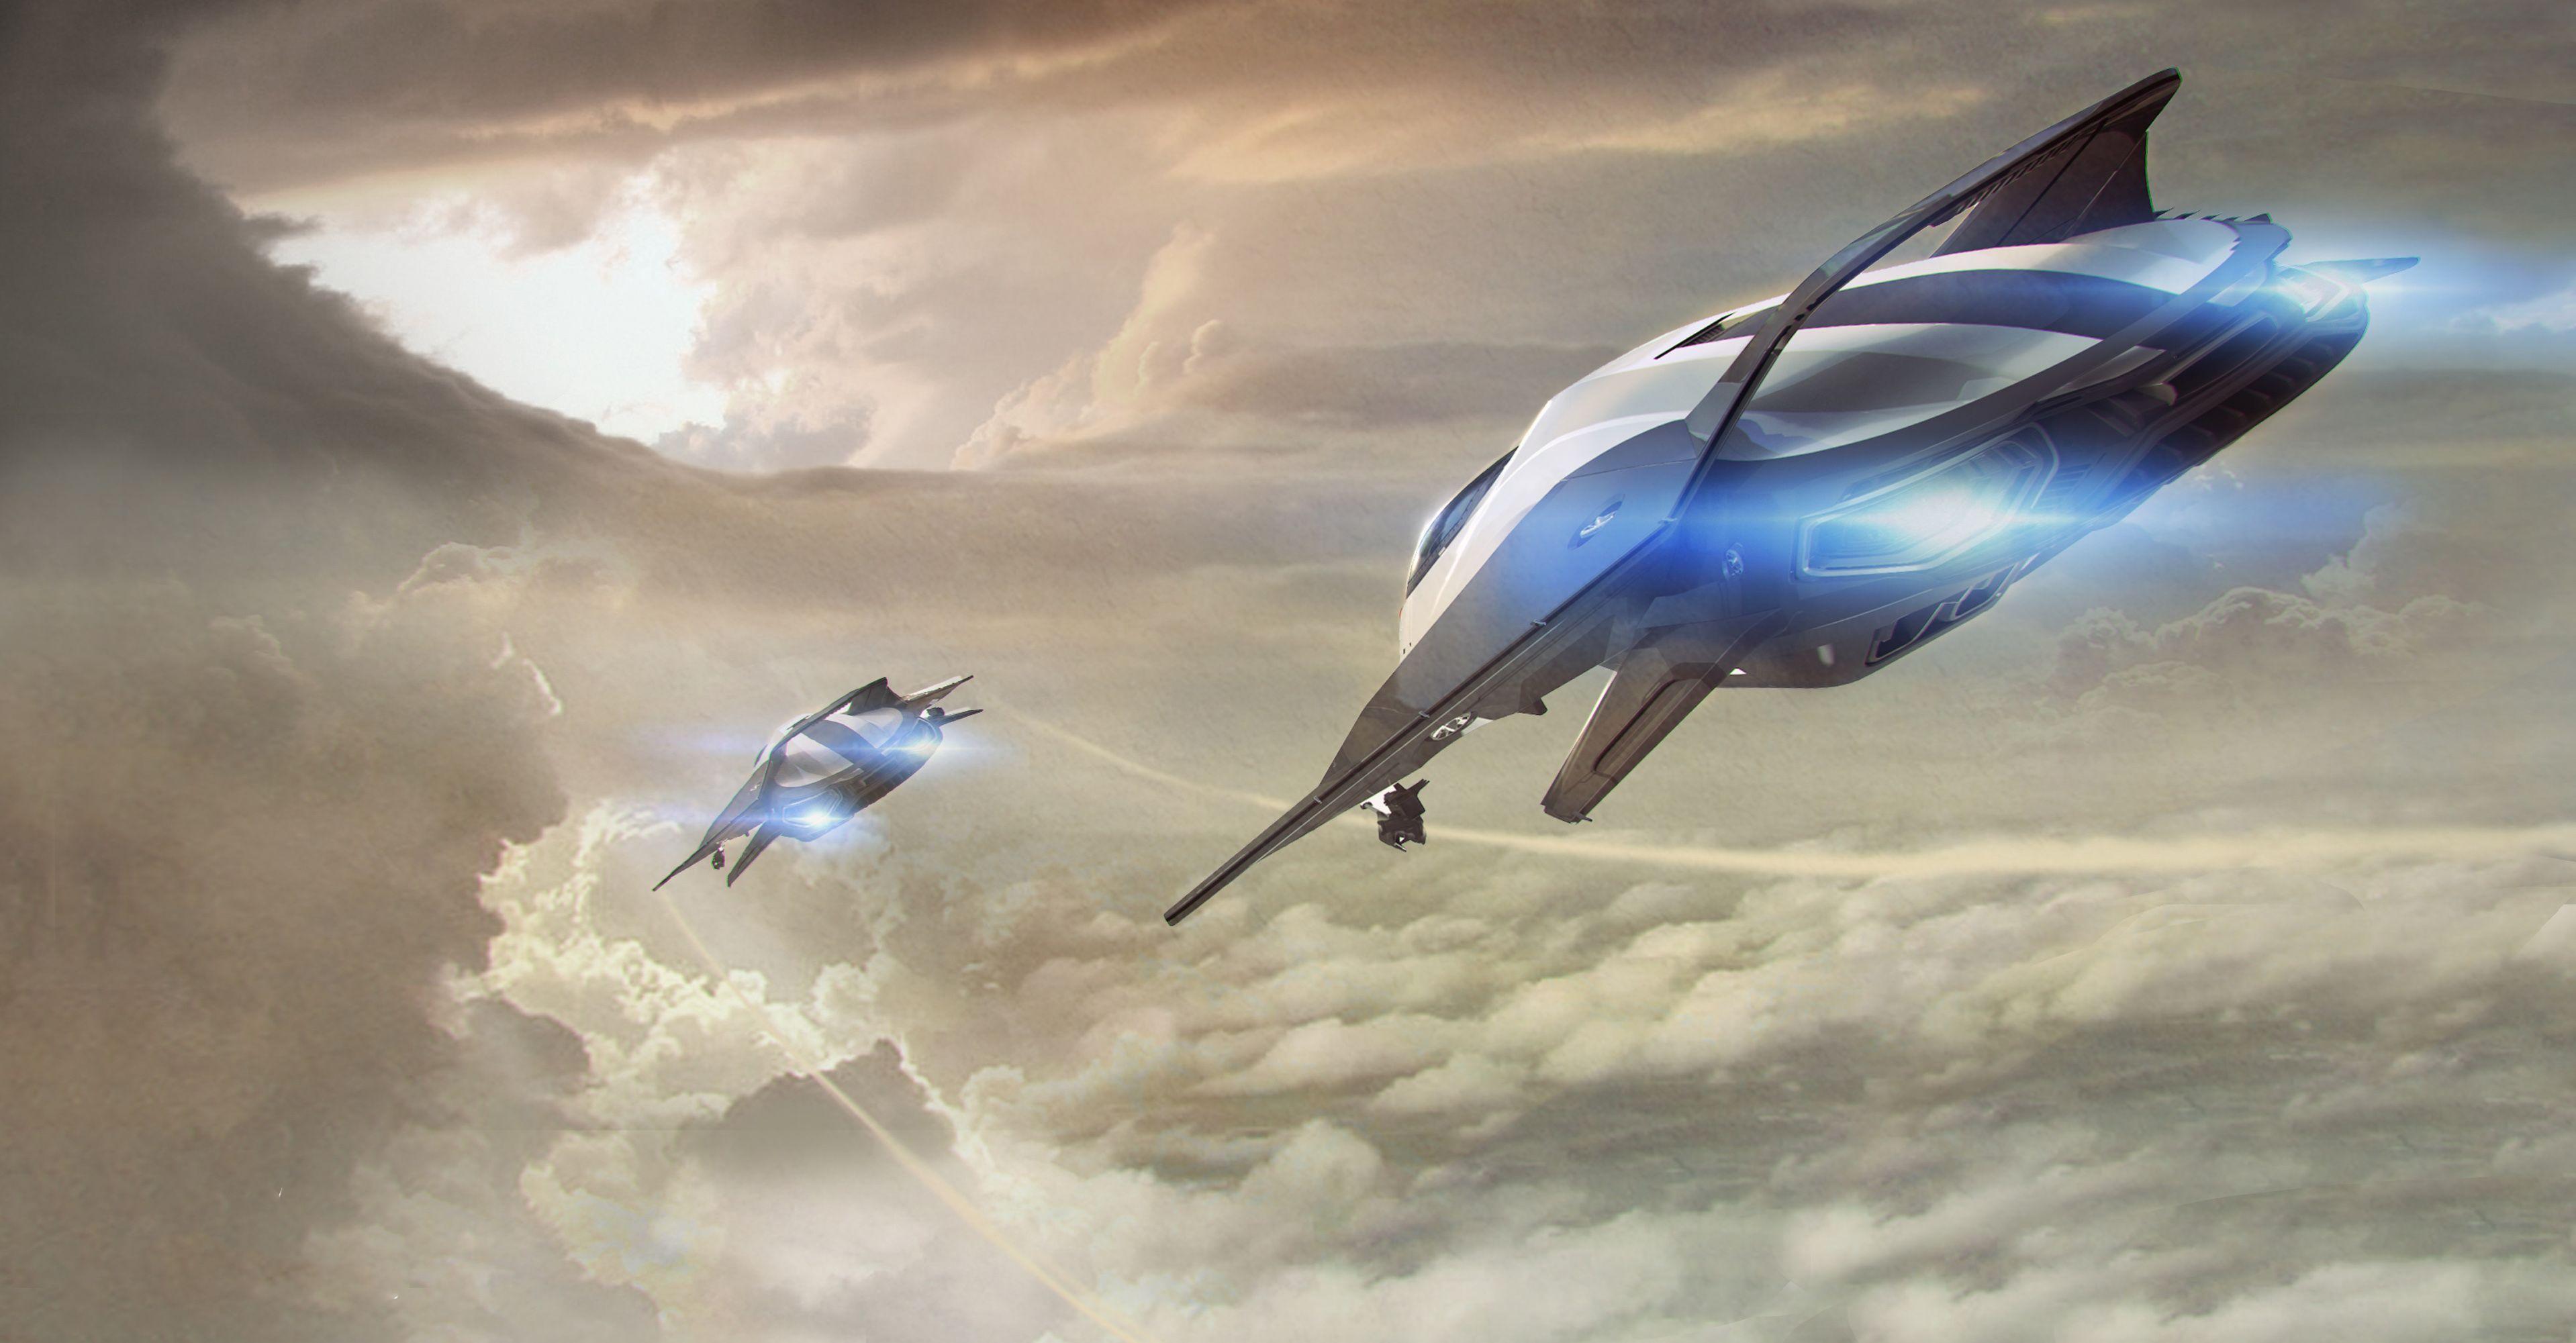 Origin 85x in the clouds StarCitizenYoutube Star